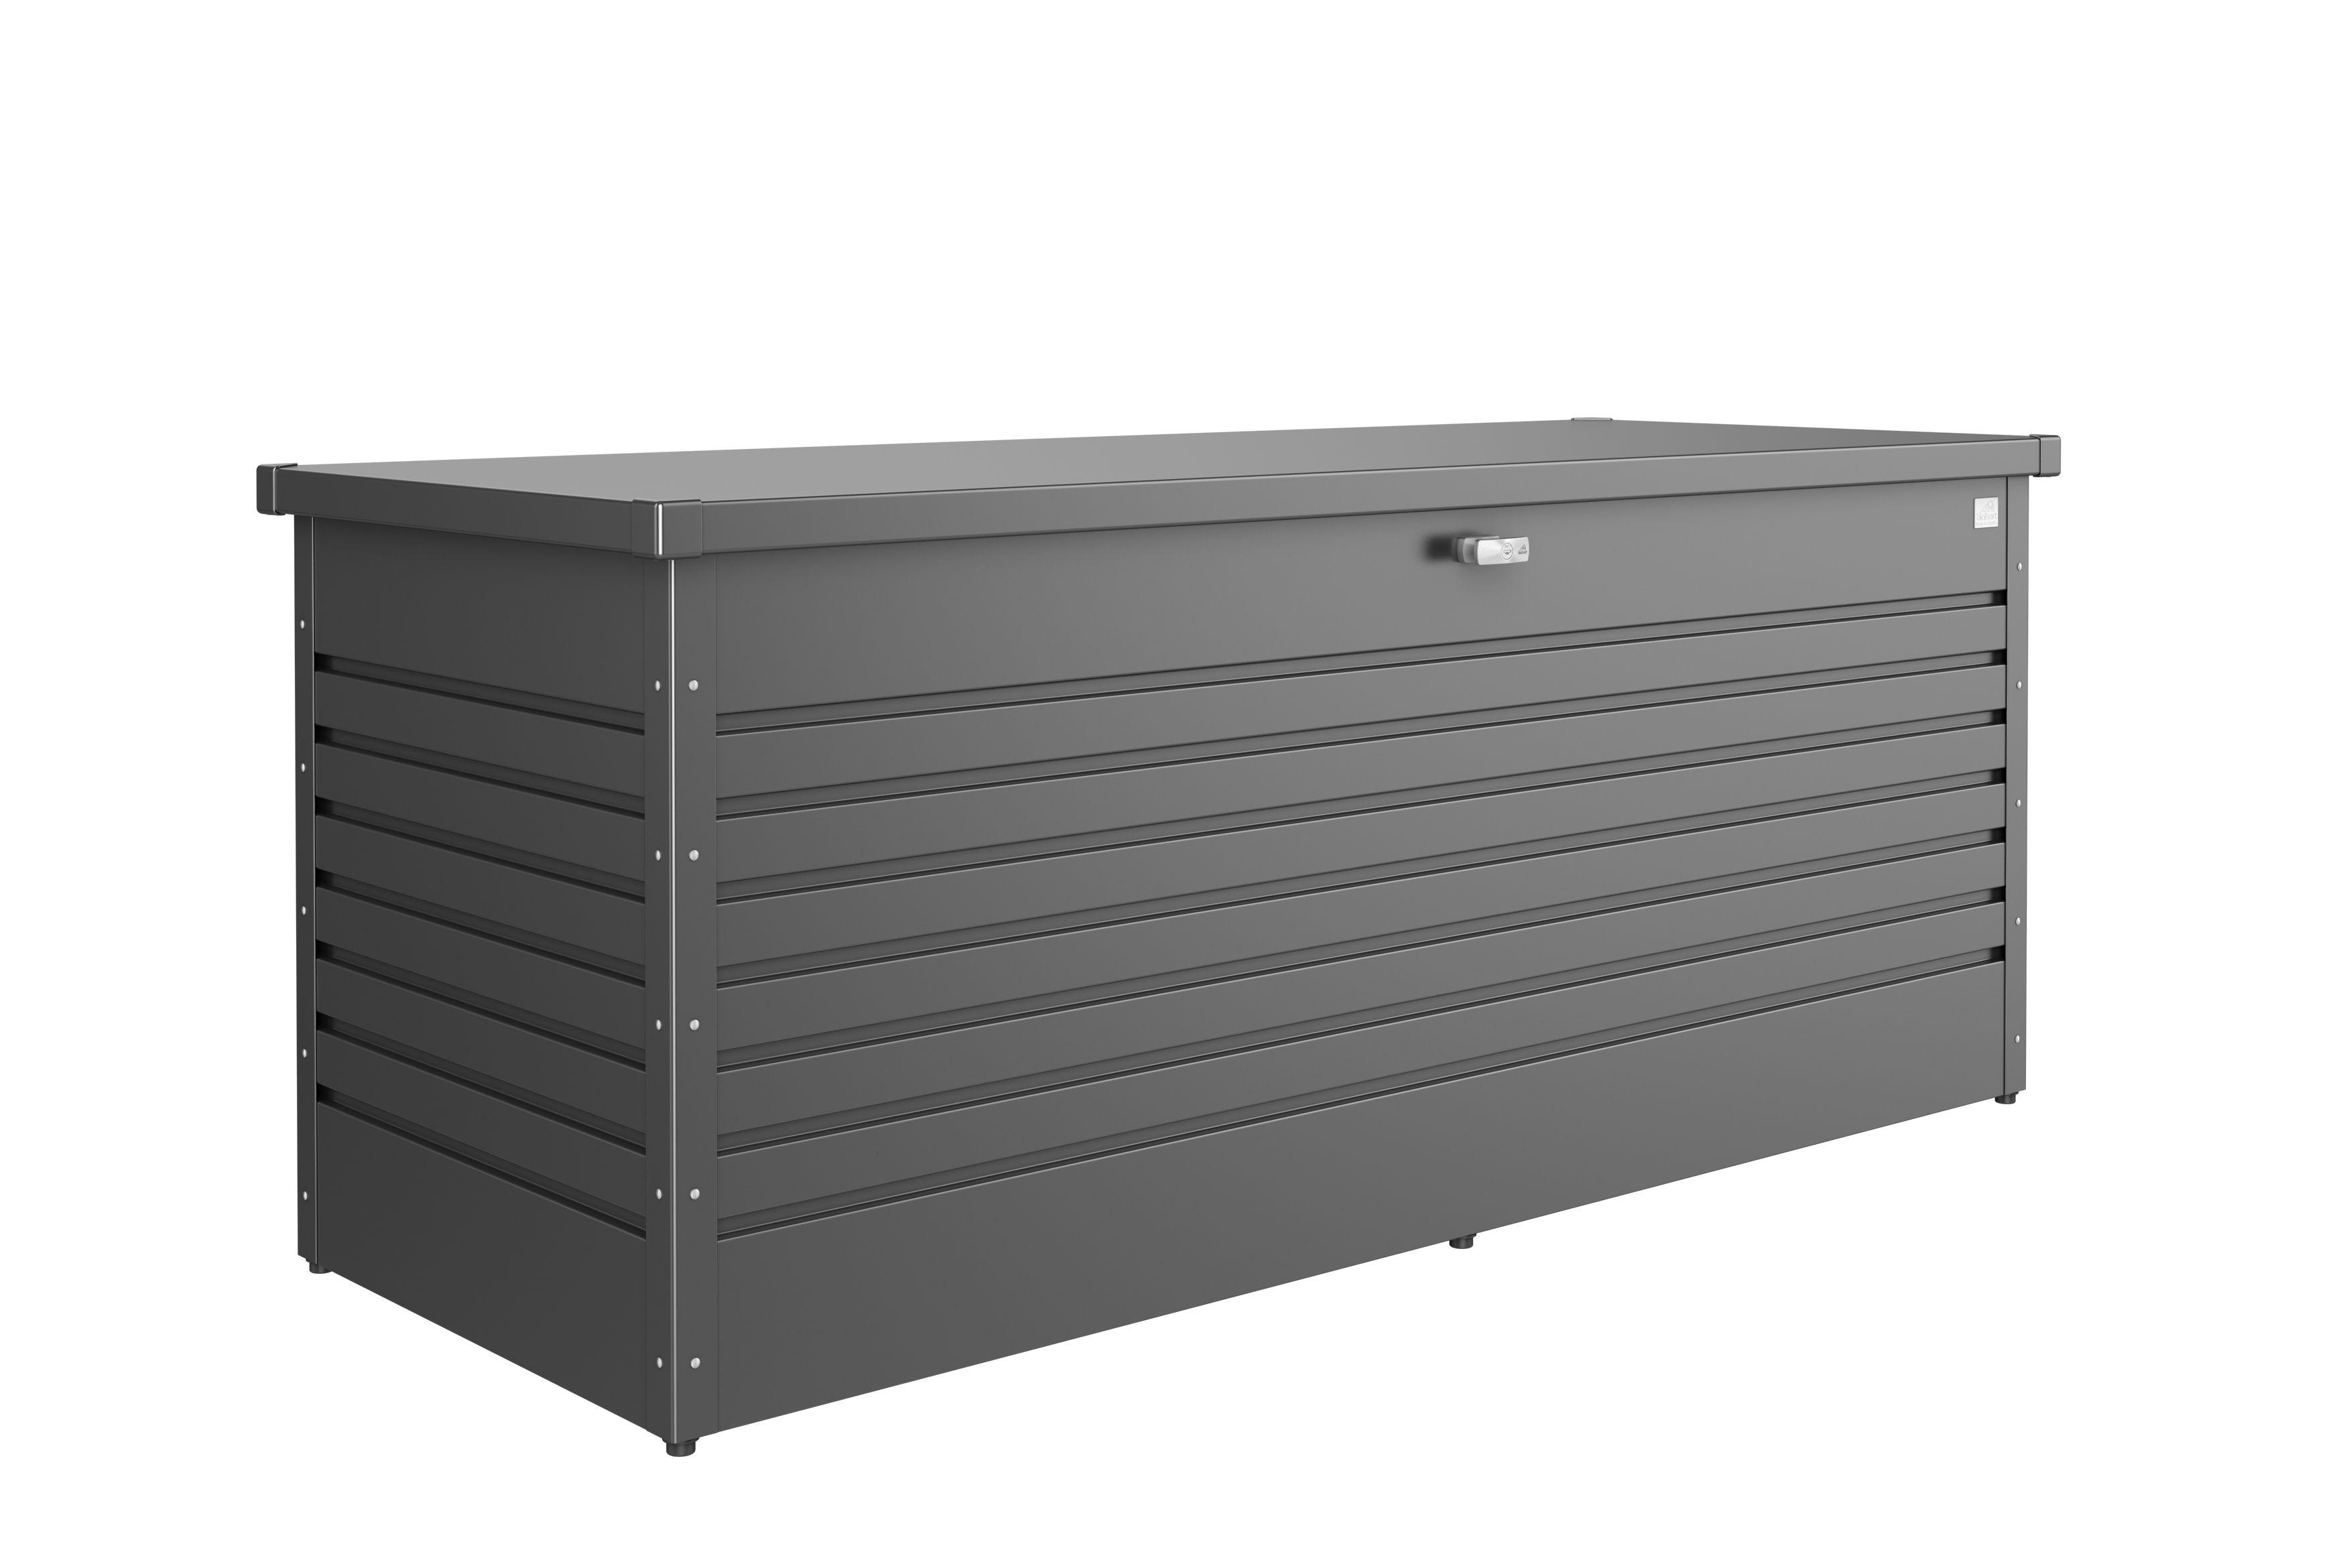 Biohort Úložný box FreizeitBox 200, tmavě šedá metalíza